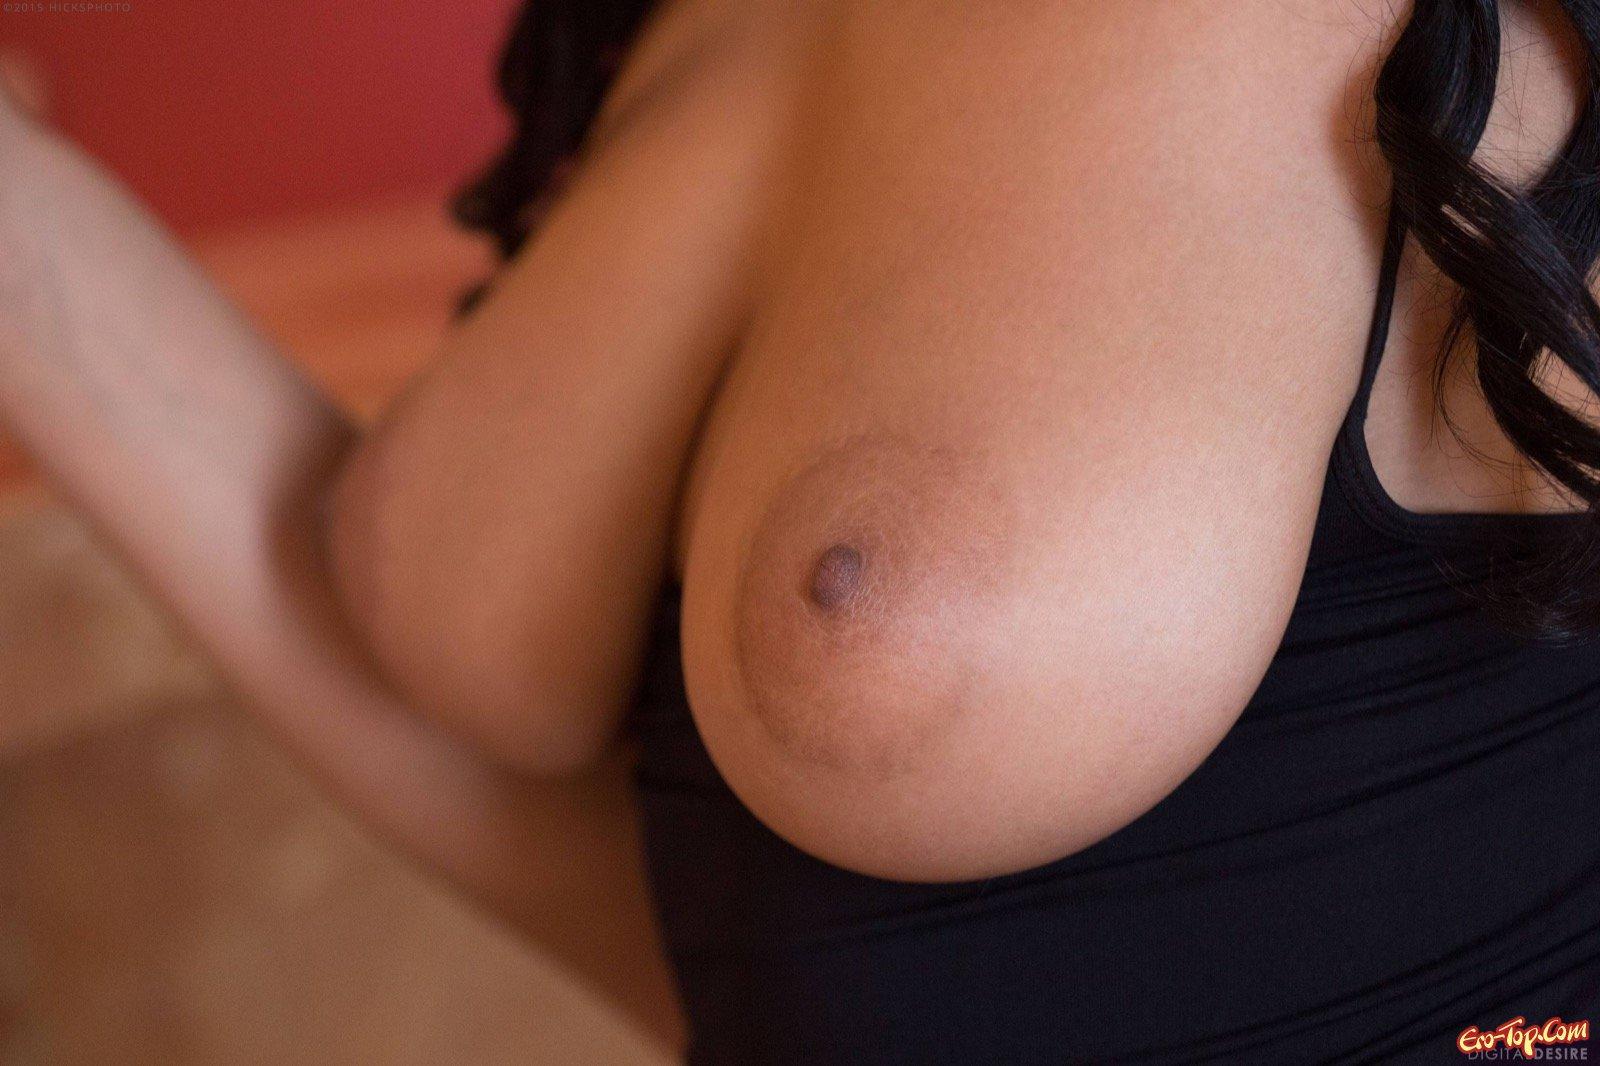 Негритянка с крупными обвисшей грудью